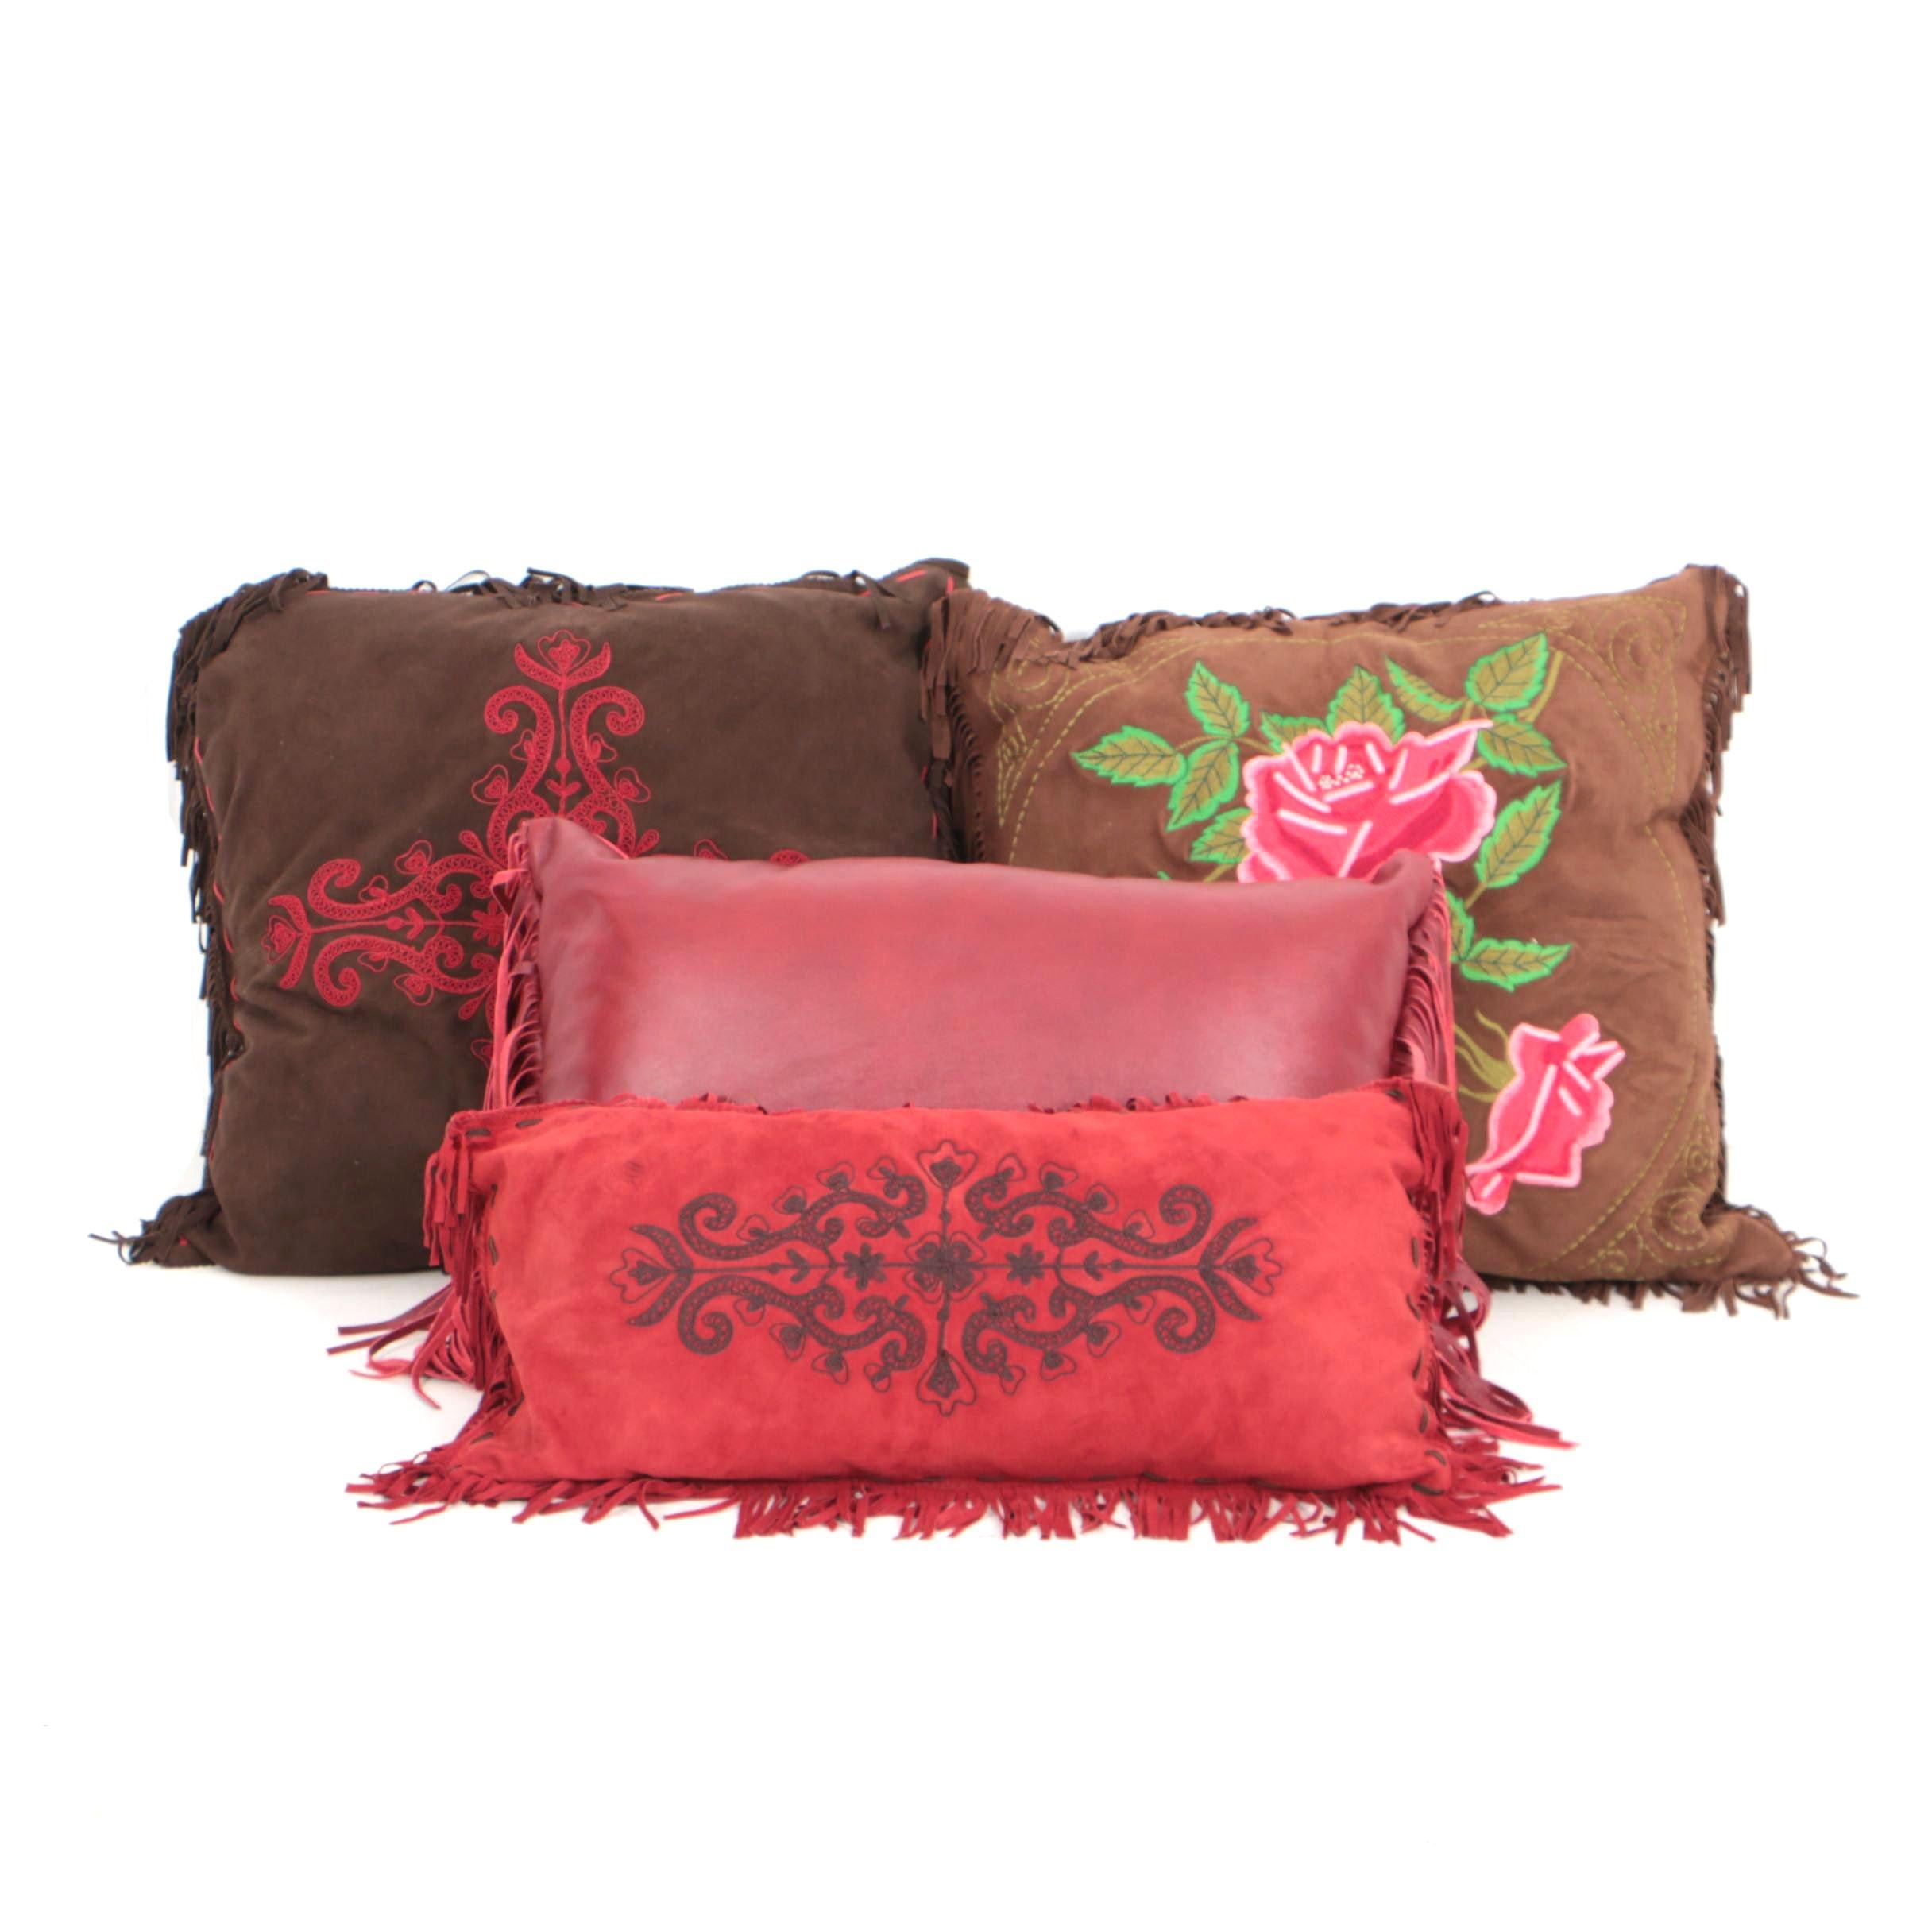 Tasha Polizzi Leather Embroidered Throw Pillows